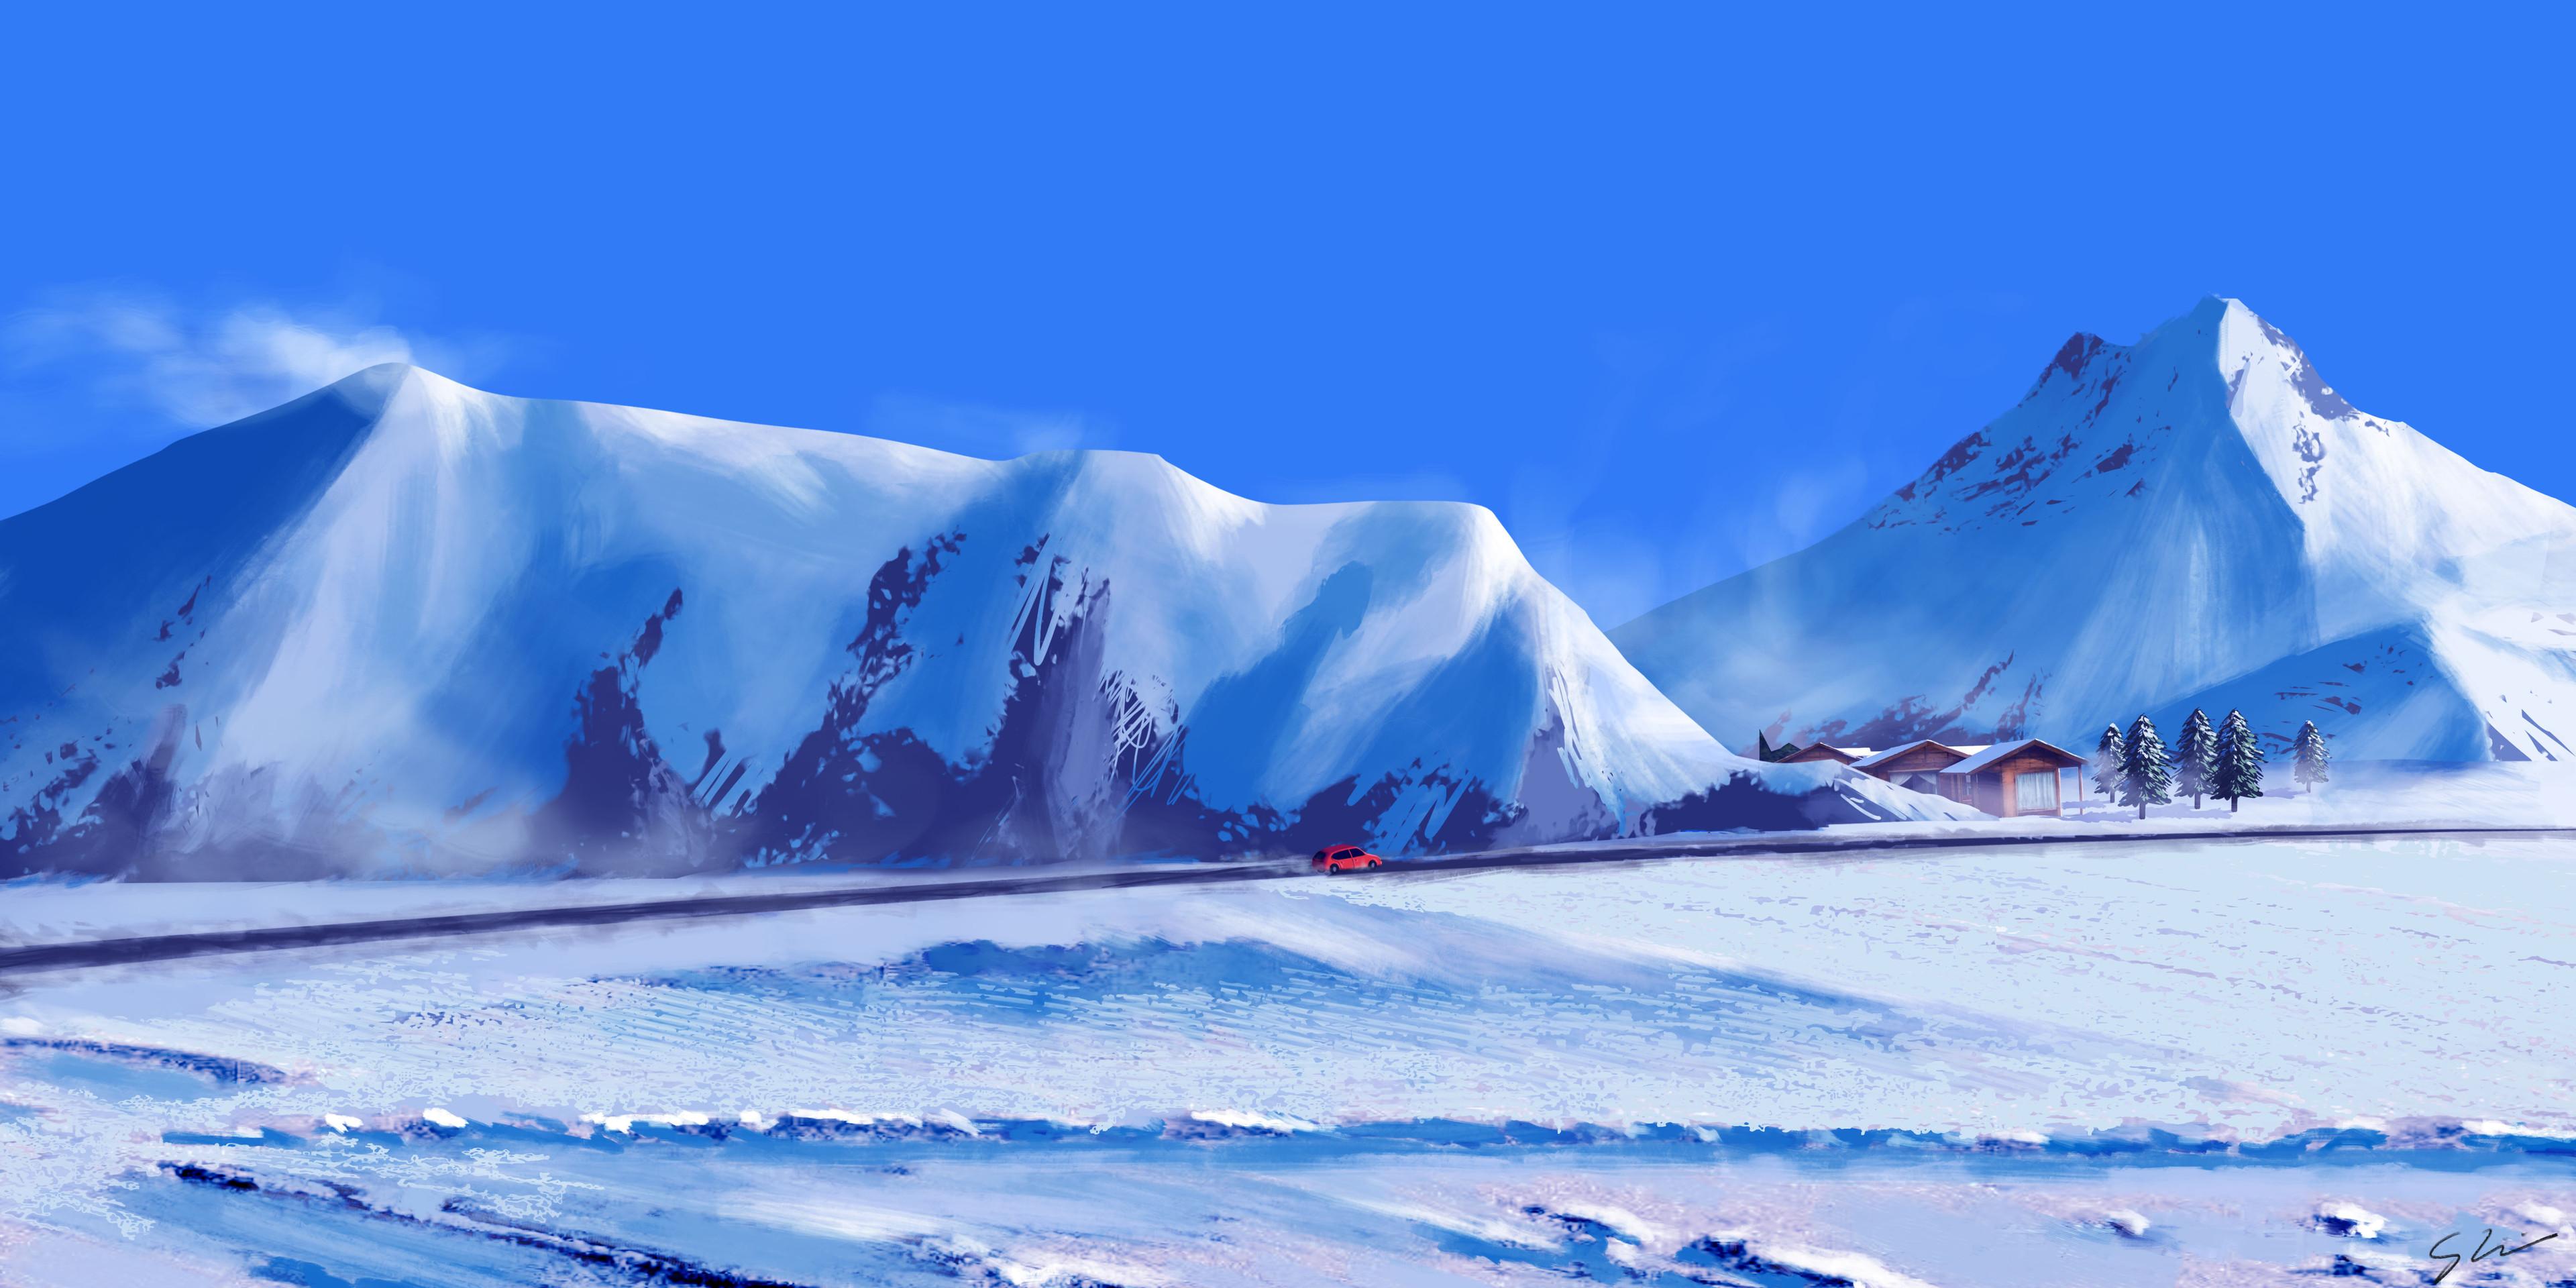 Fondos de pantalla Viaje de invierno